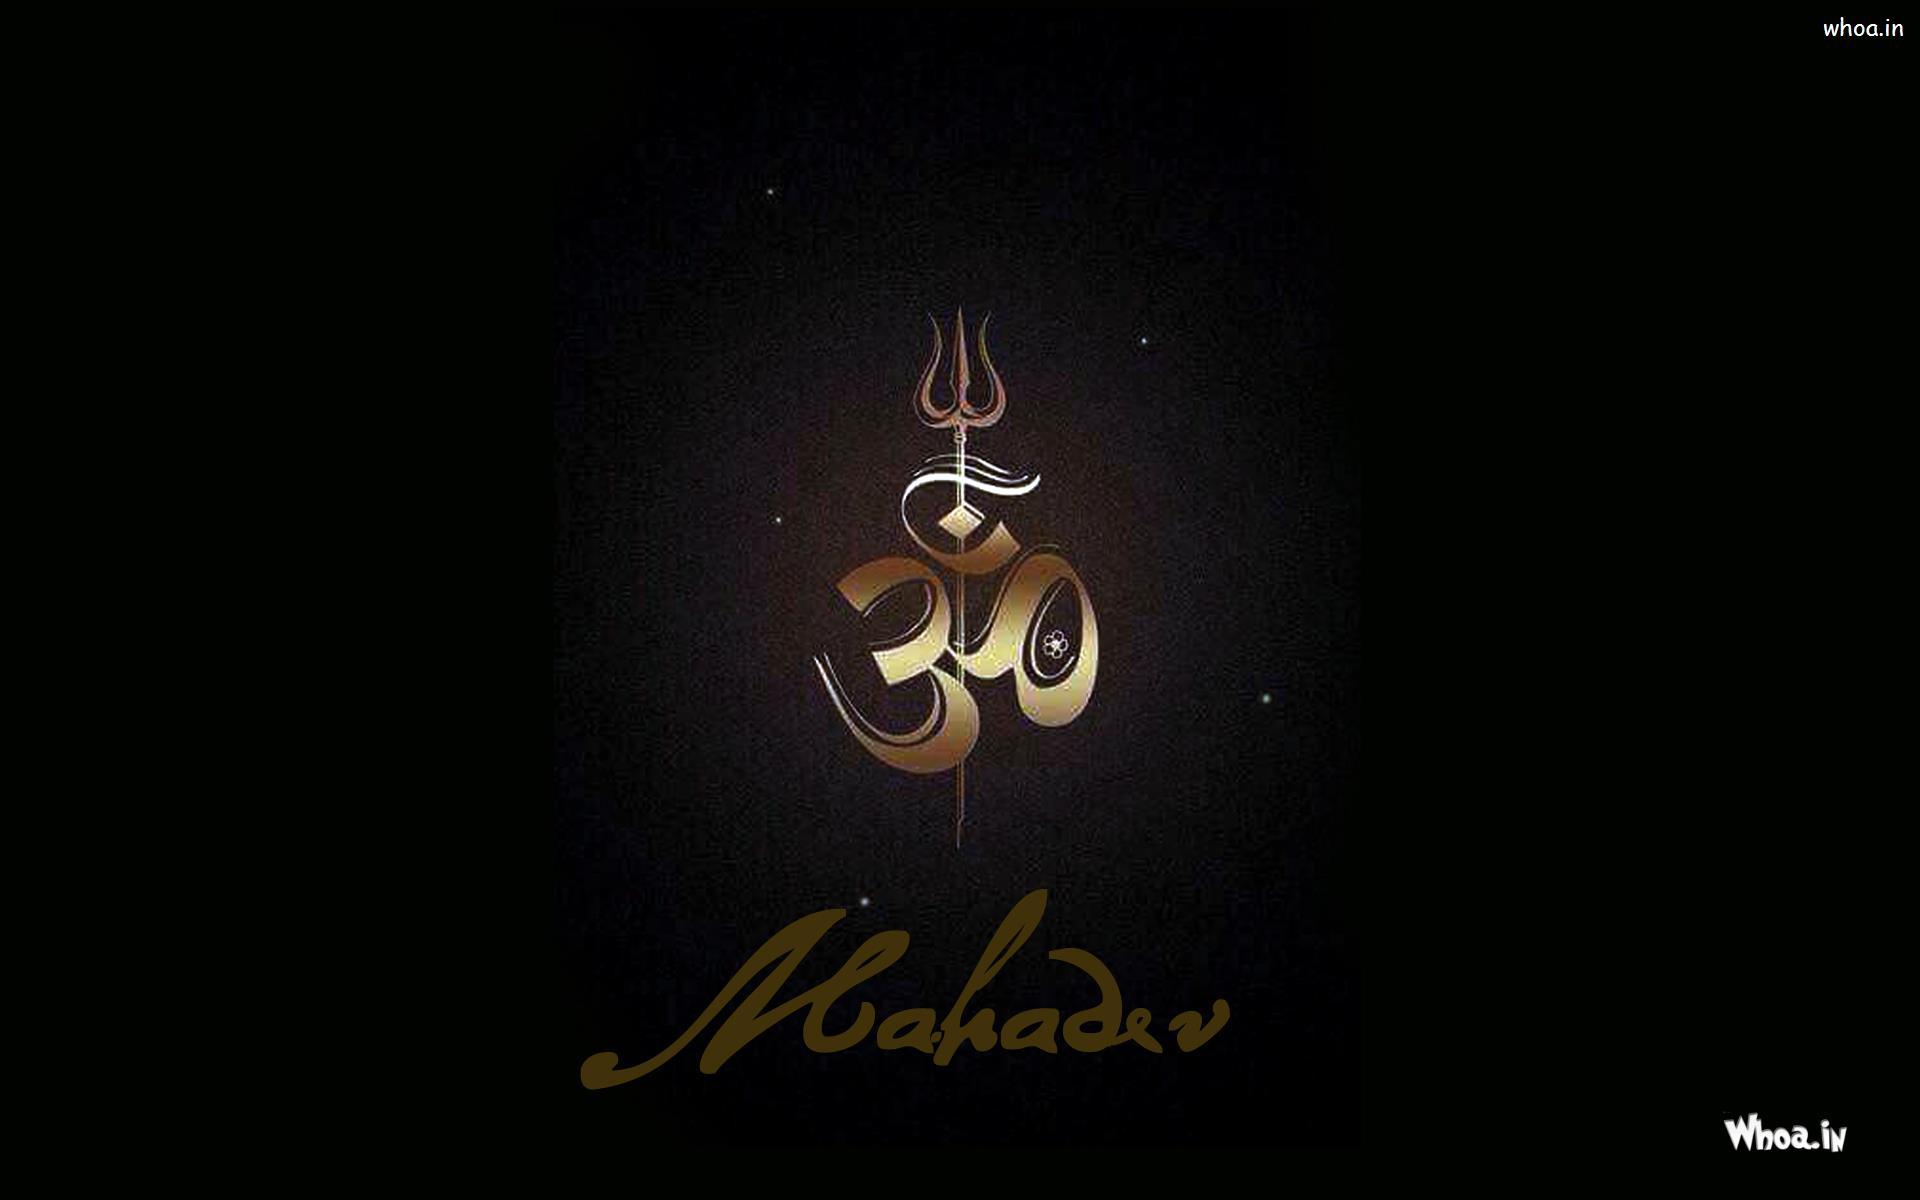 Hd Wallpaper Mahadev